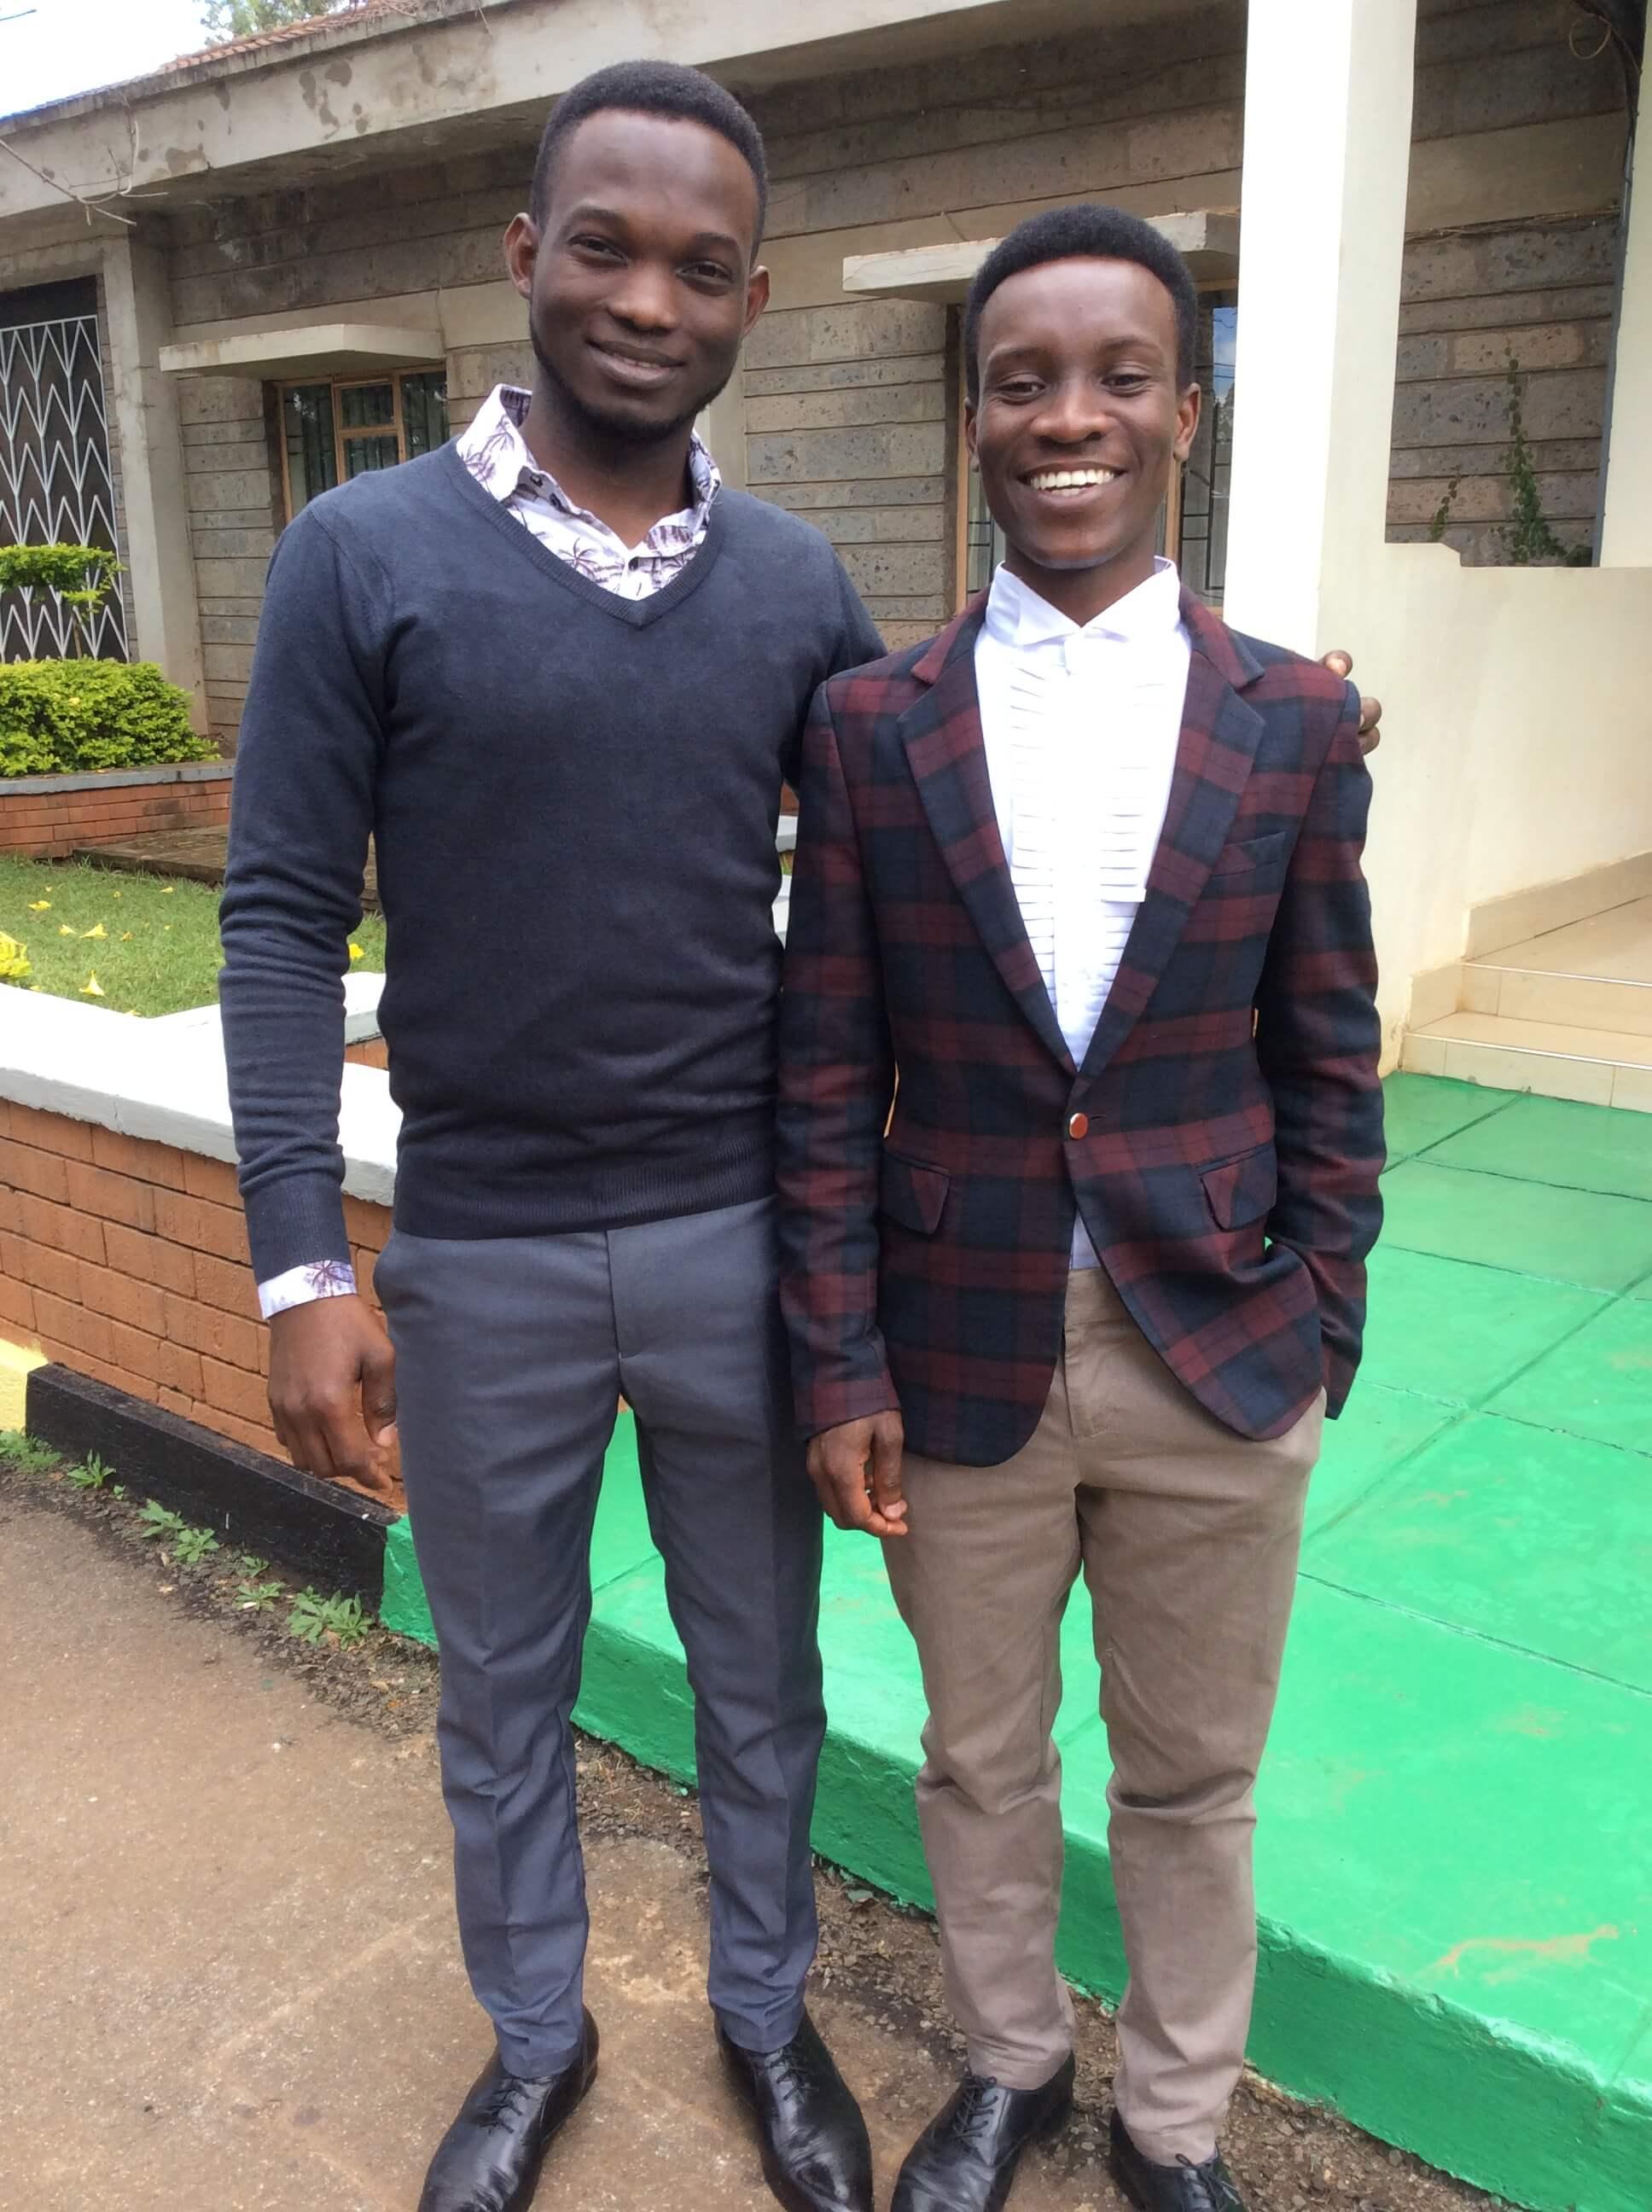 SMA Seminarians